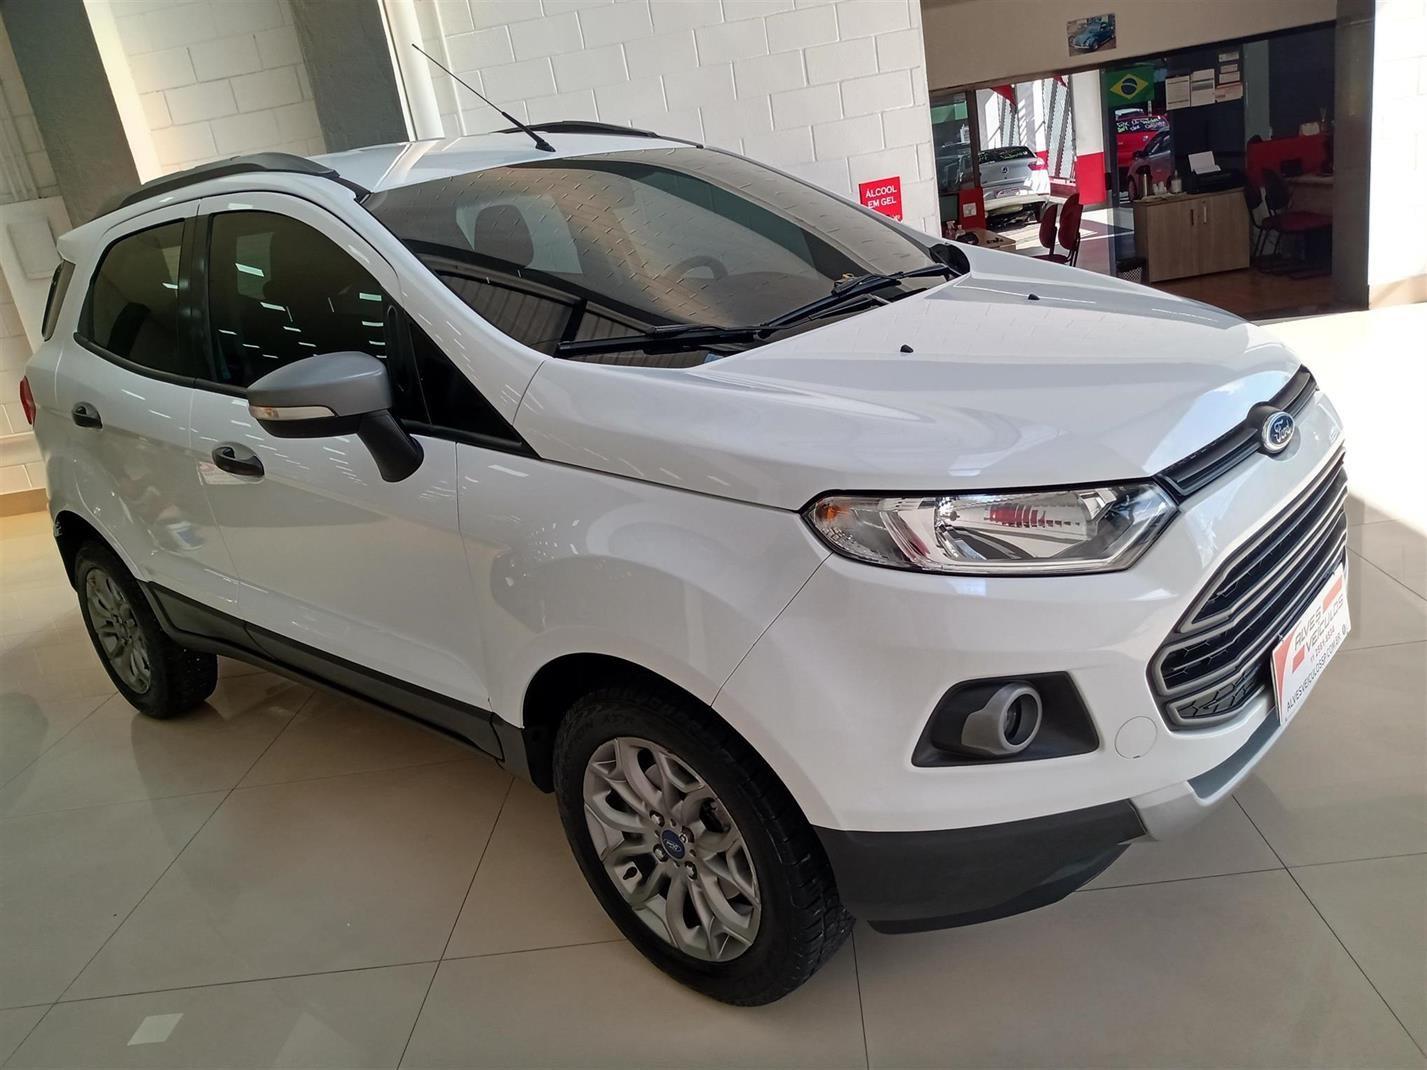 //www.autoline.com.br/carro/ford/ecosport-16-tivct-freestyle-16v-flex-4p-manual/2015/sao-paulo-sp/13560681